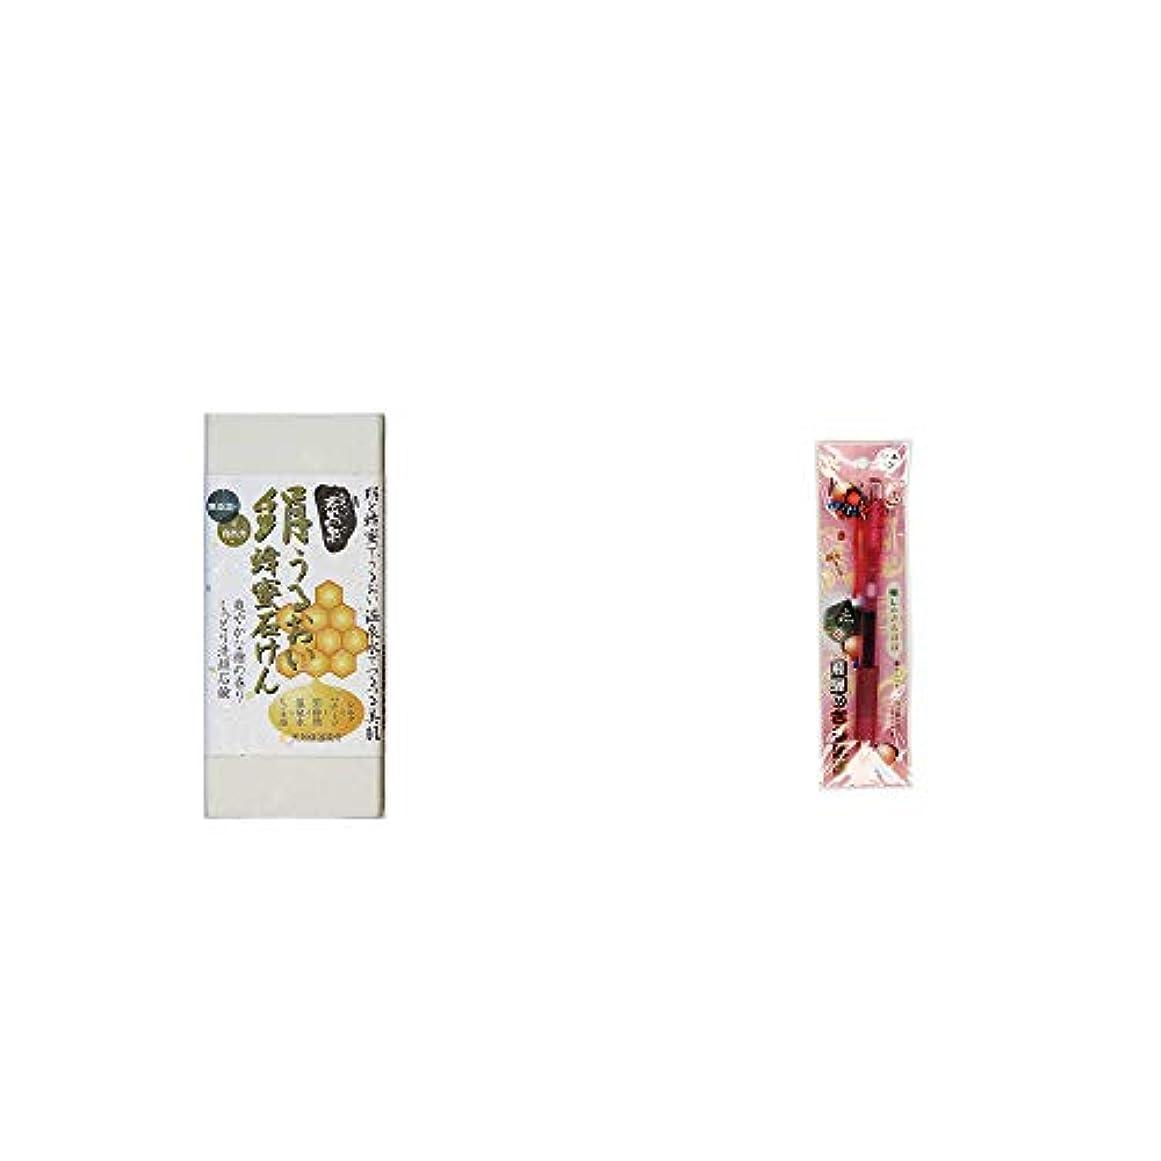 確保する示す不適[2点セット] ひのき炭黒泉 絹うるおい蜂蜜石けん(75g×2)?さるぼぼ 癒しボールペン 【ピンク】